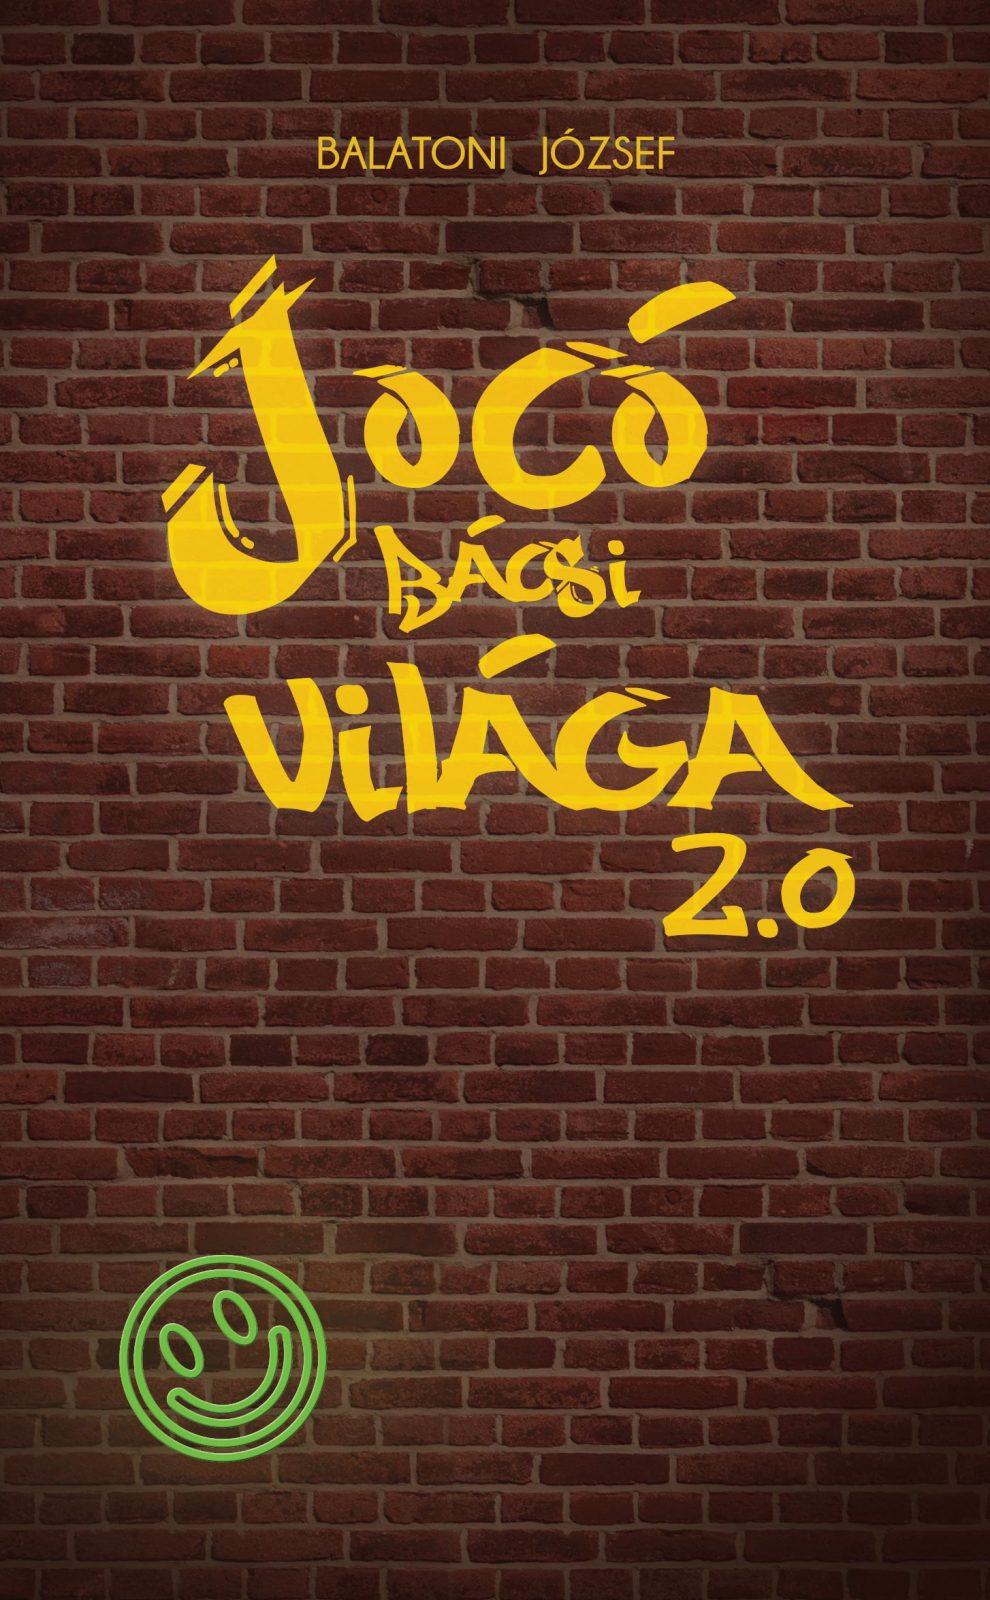 Éld túl az iskolát ! – megjelent Jocó bácsi világa 2.0